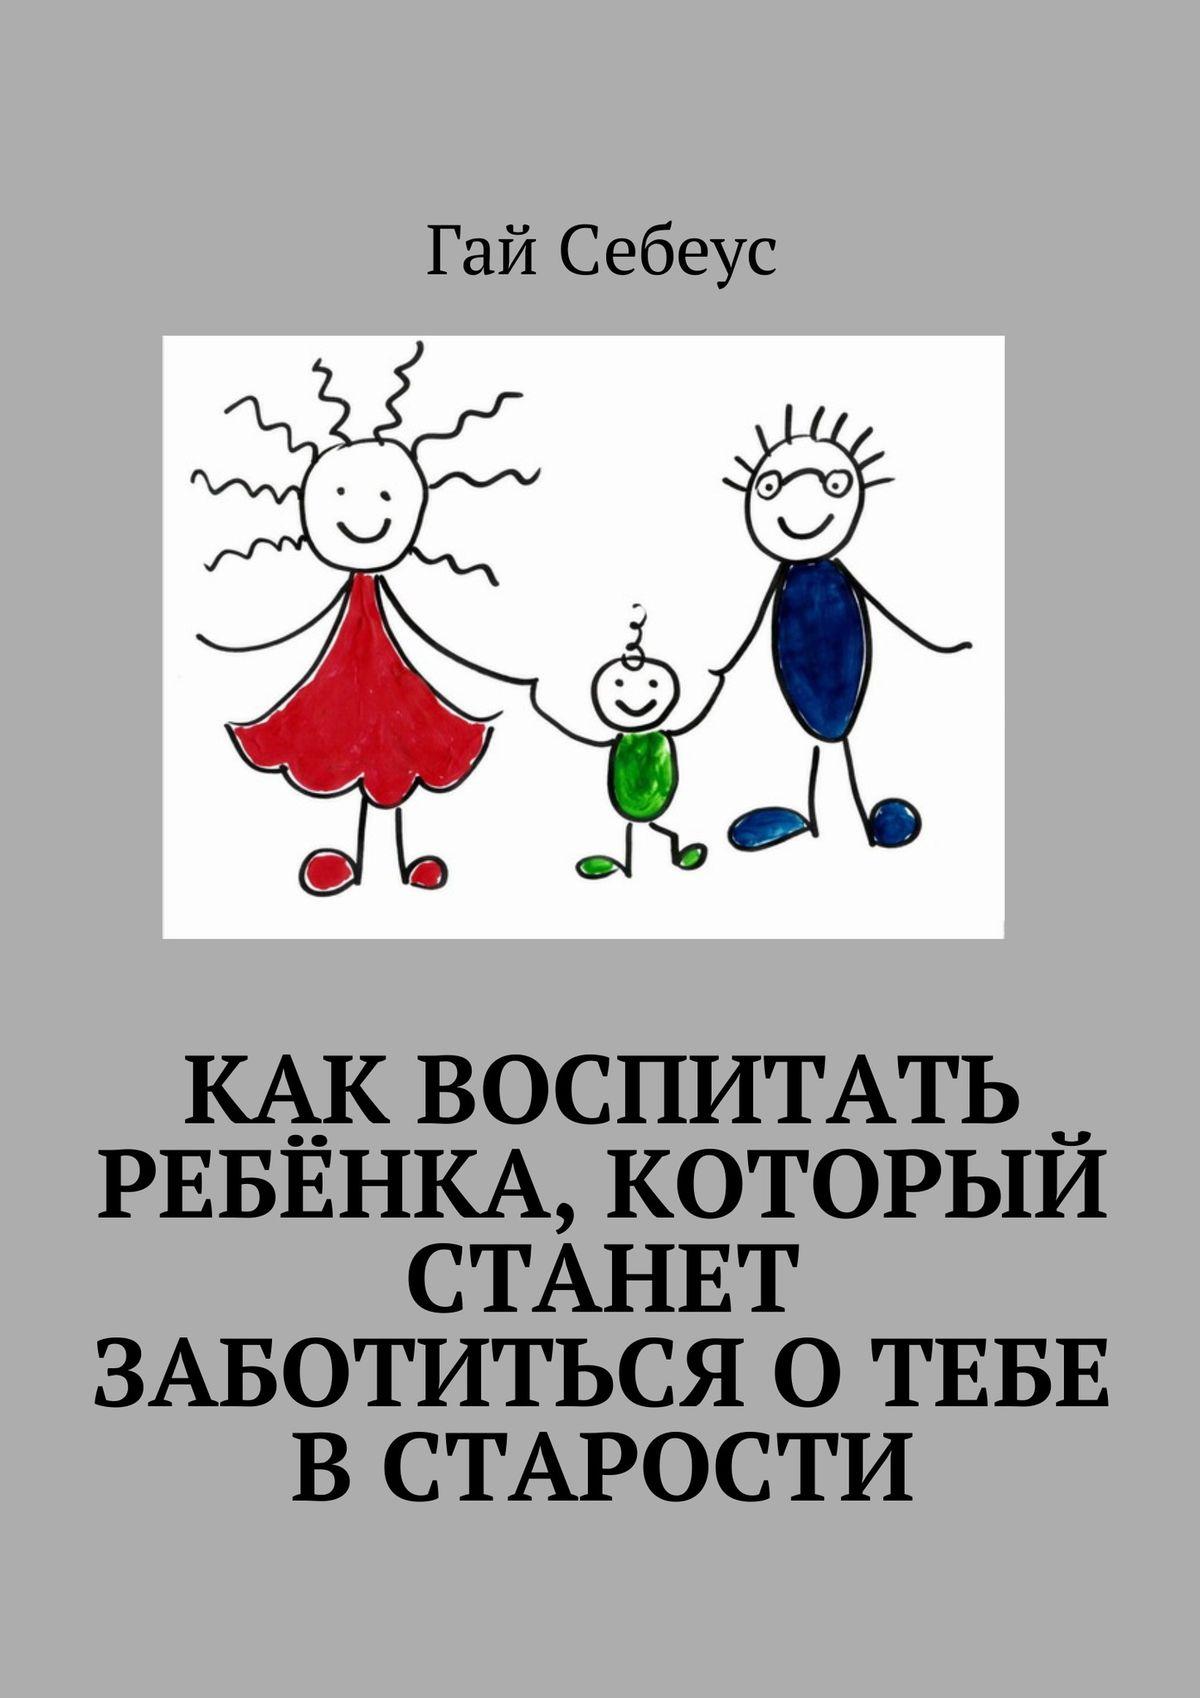 Как воспитать ребёнка, который станет заботиться о тебе в старости